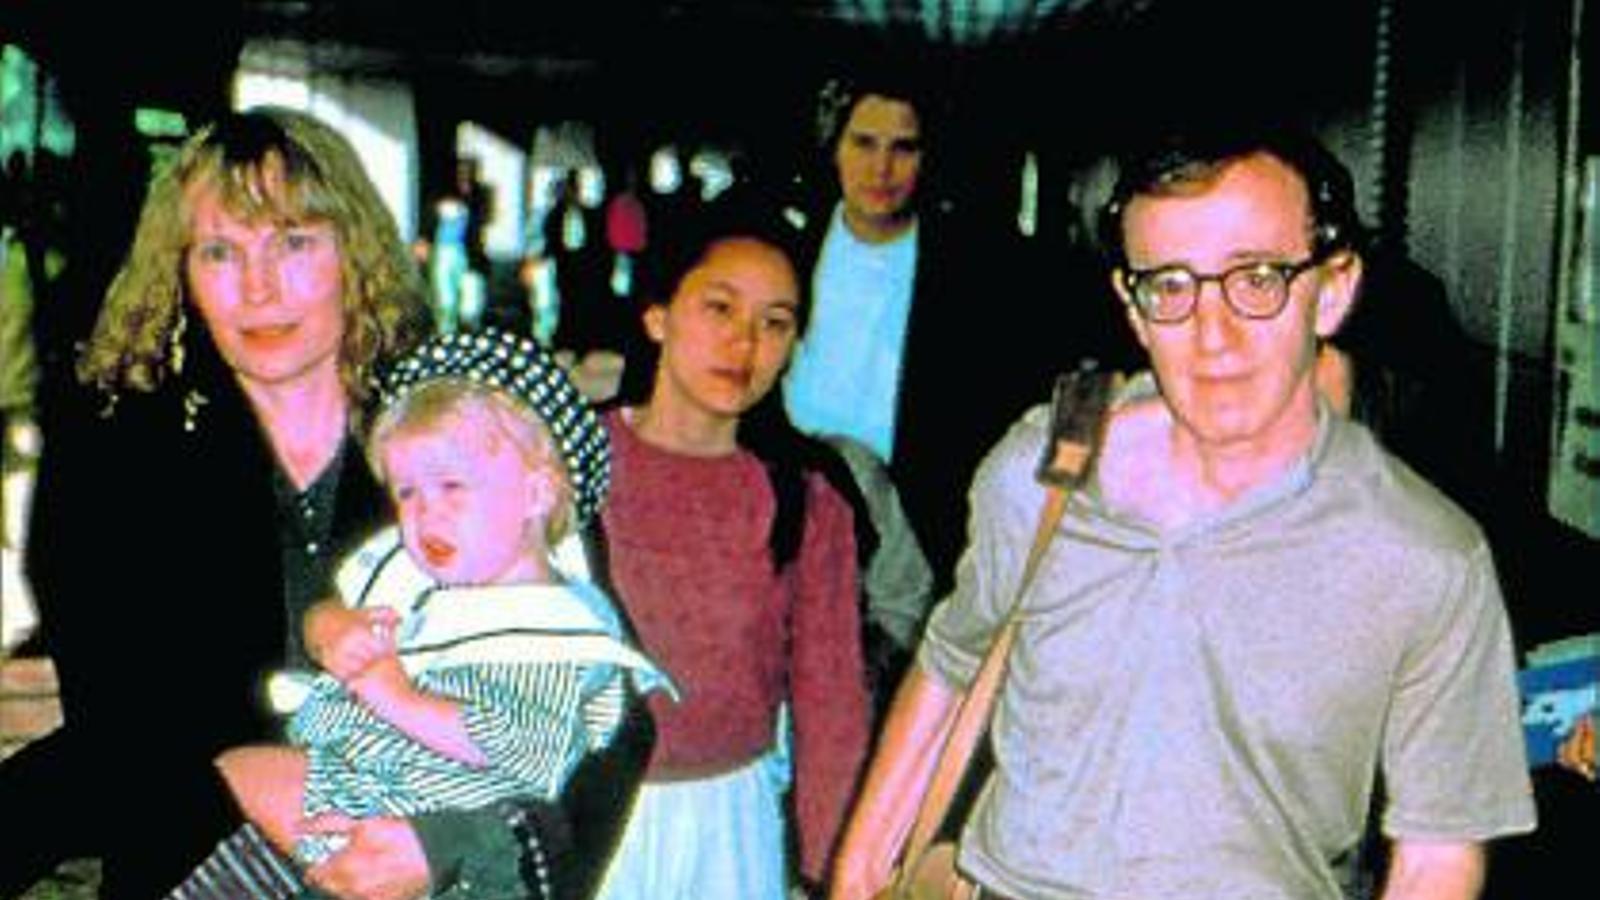 """Dylan Farrow: """"Res del que digui o escrigui Woody Allen pot canviar la veritat"""""""